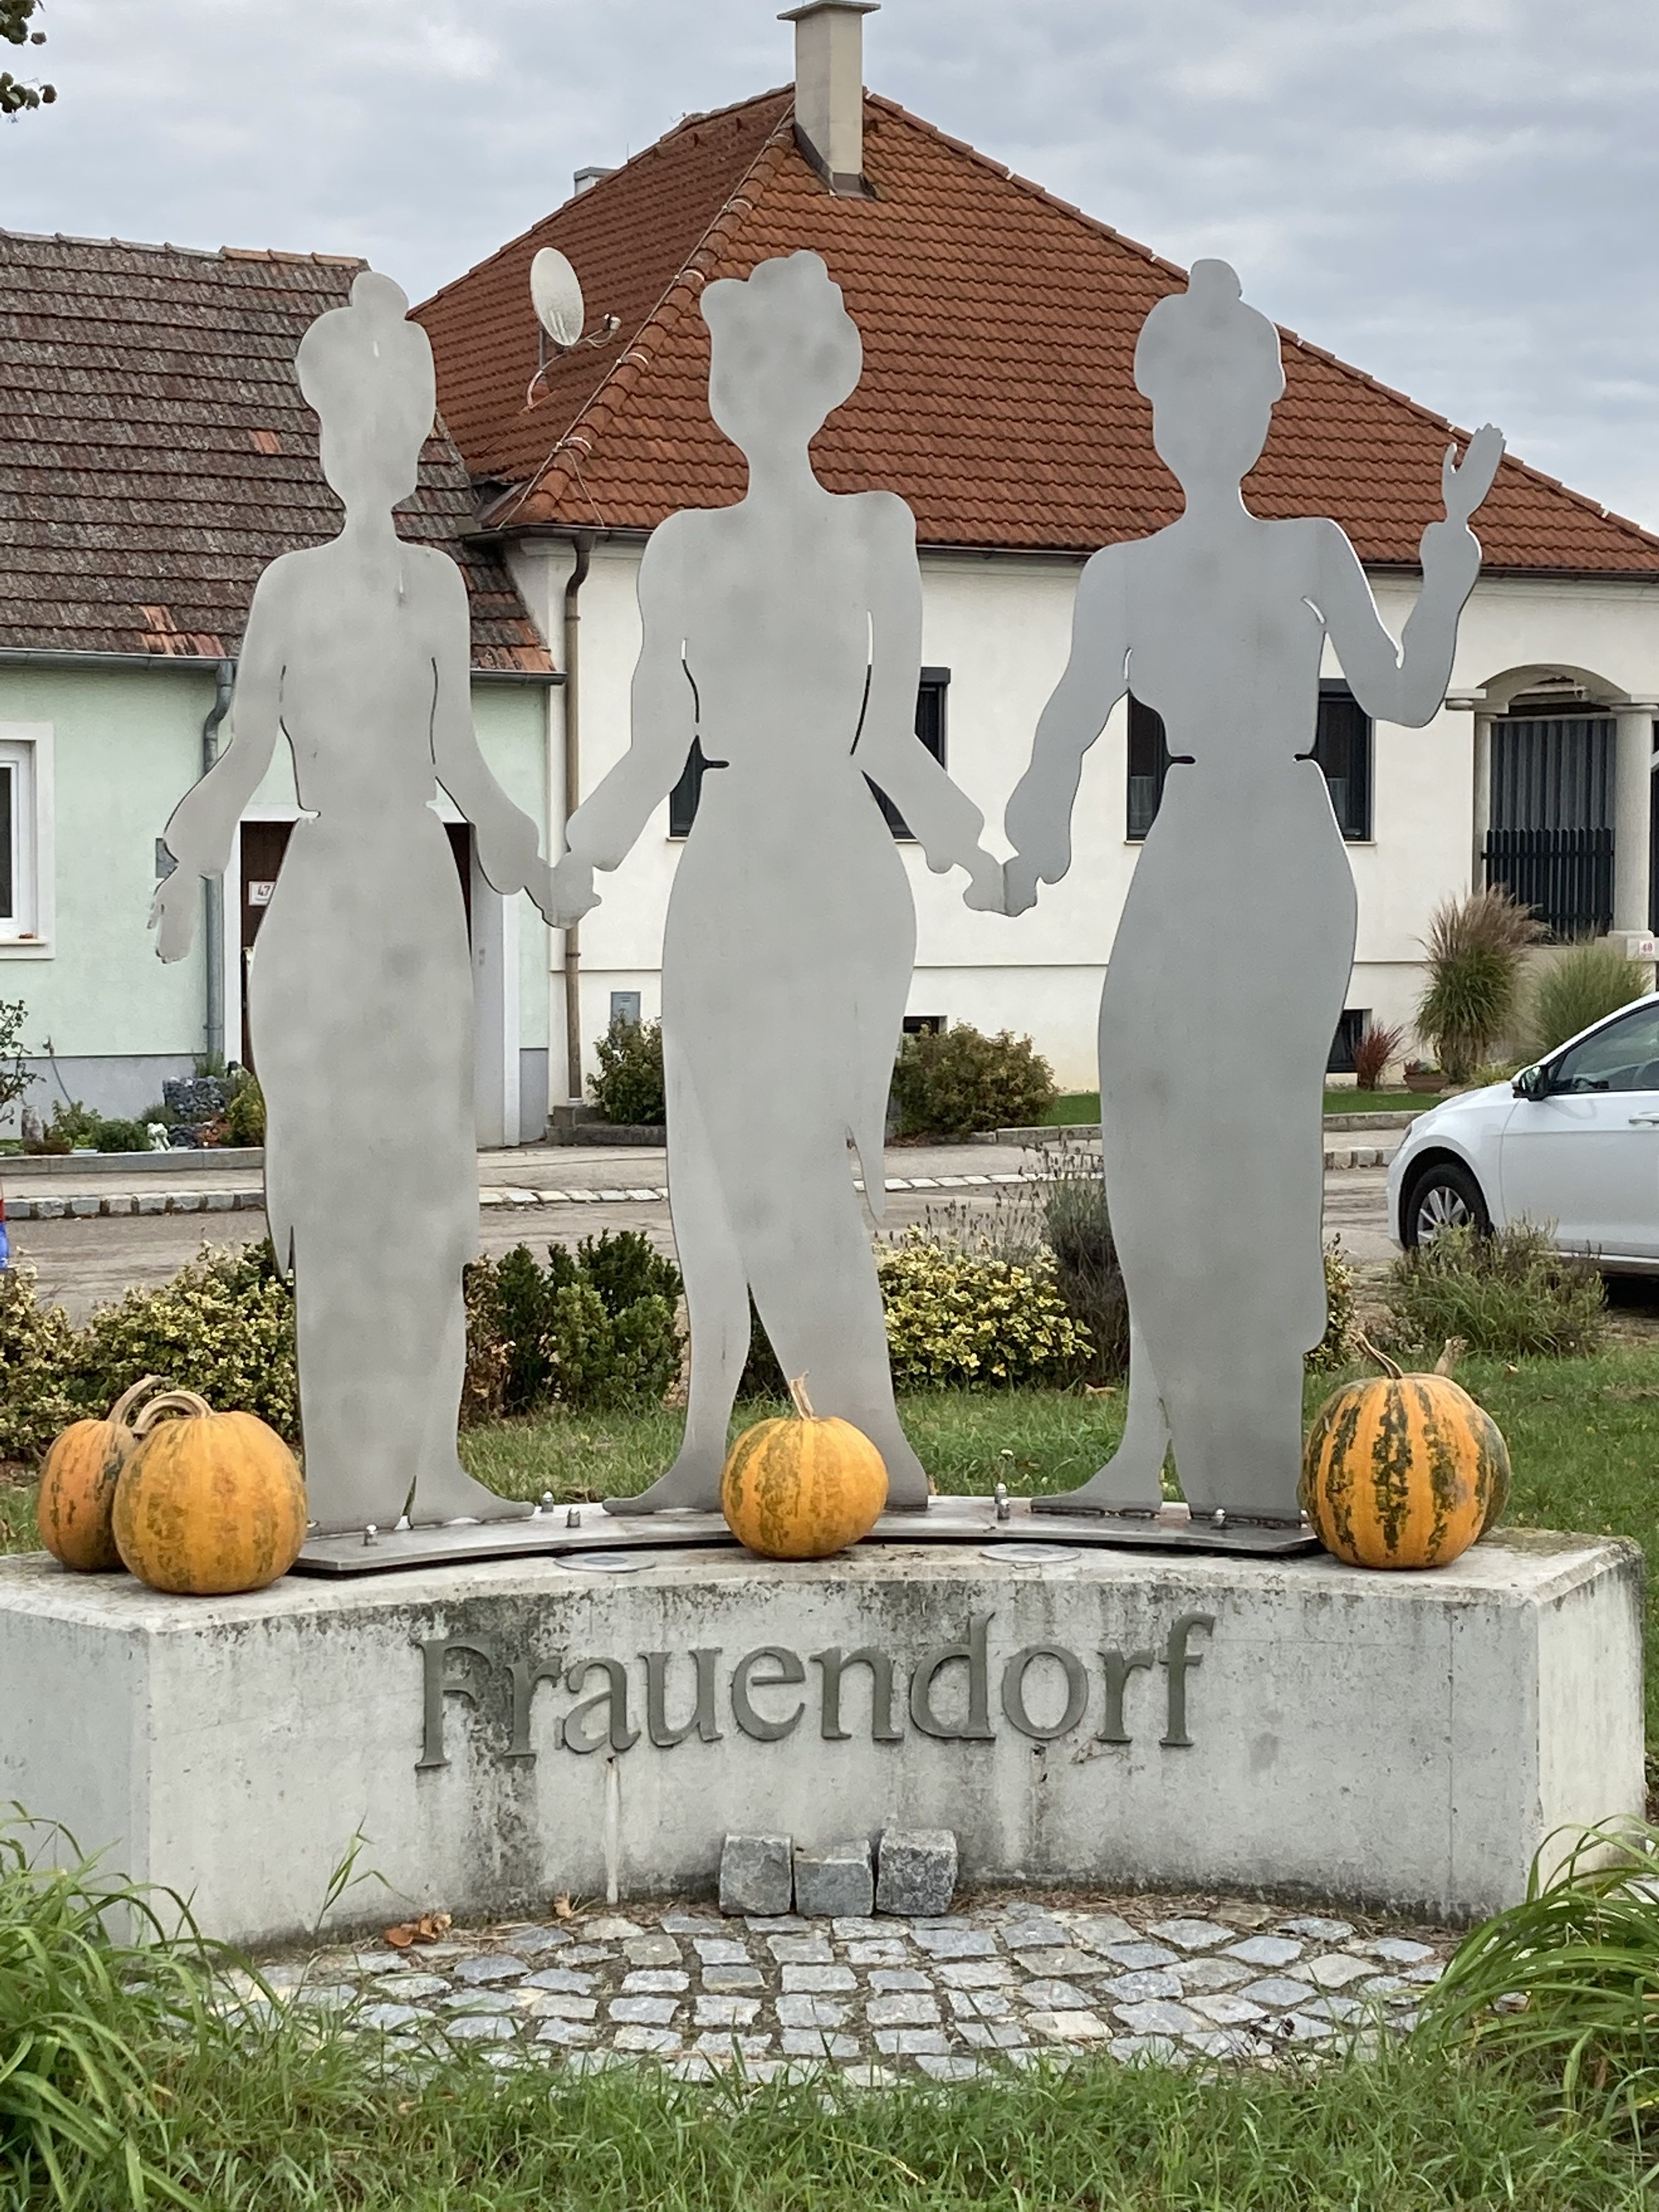 Der Dorferneuerungsverein wünscht einen schönen Herbst!